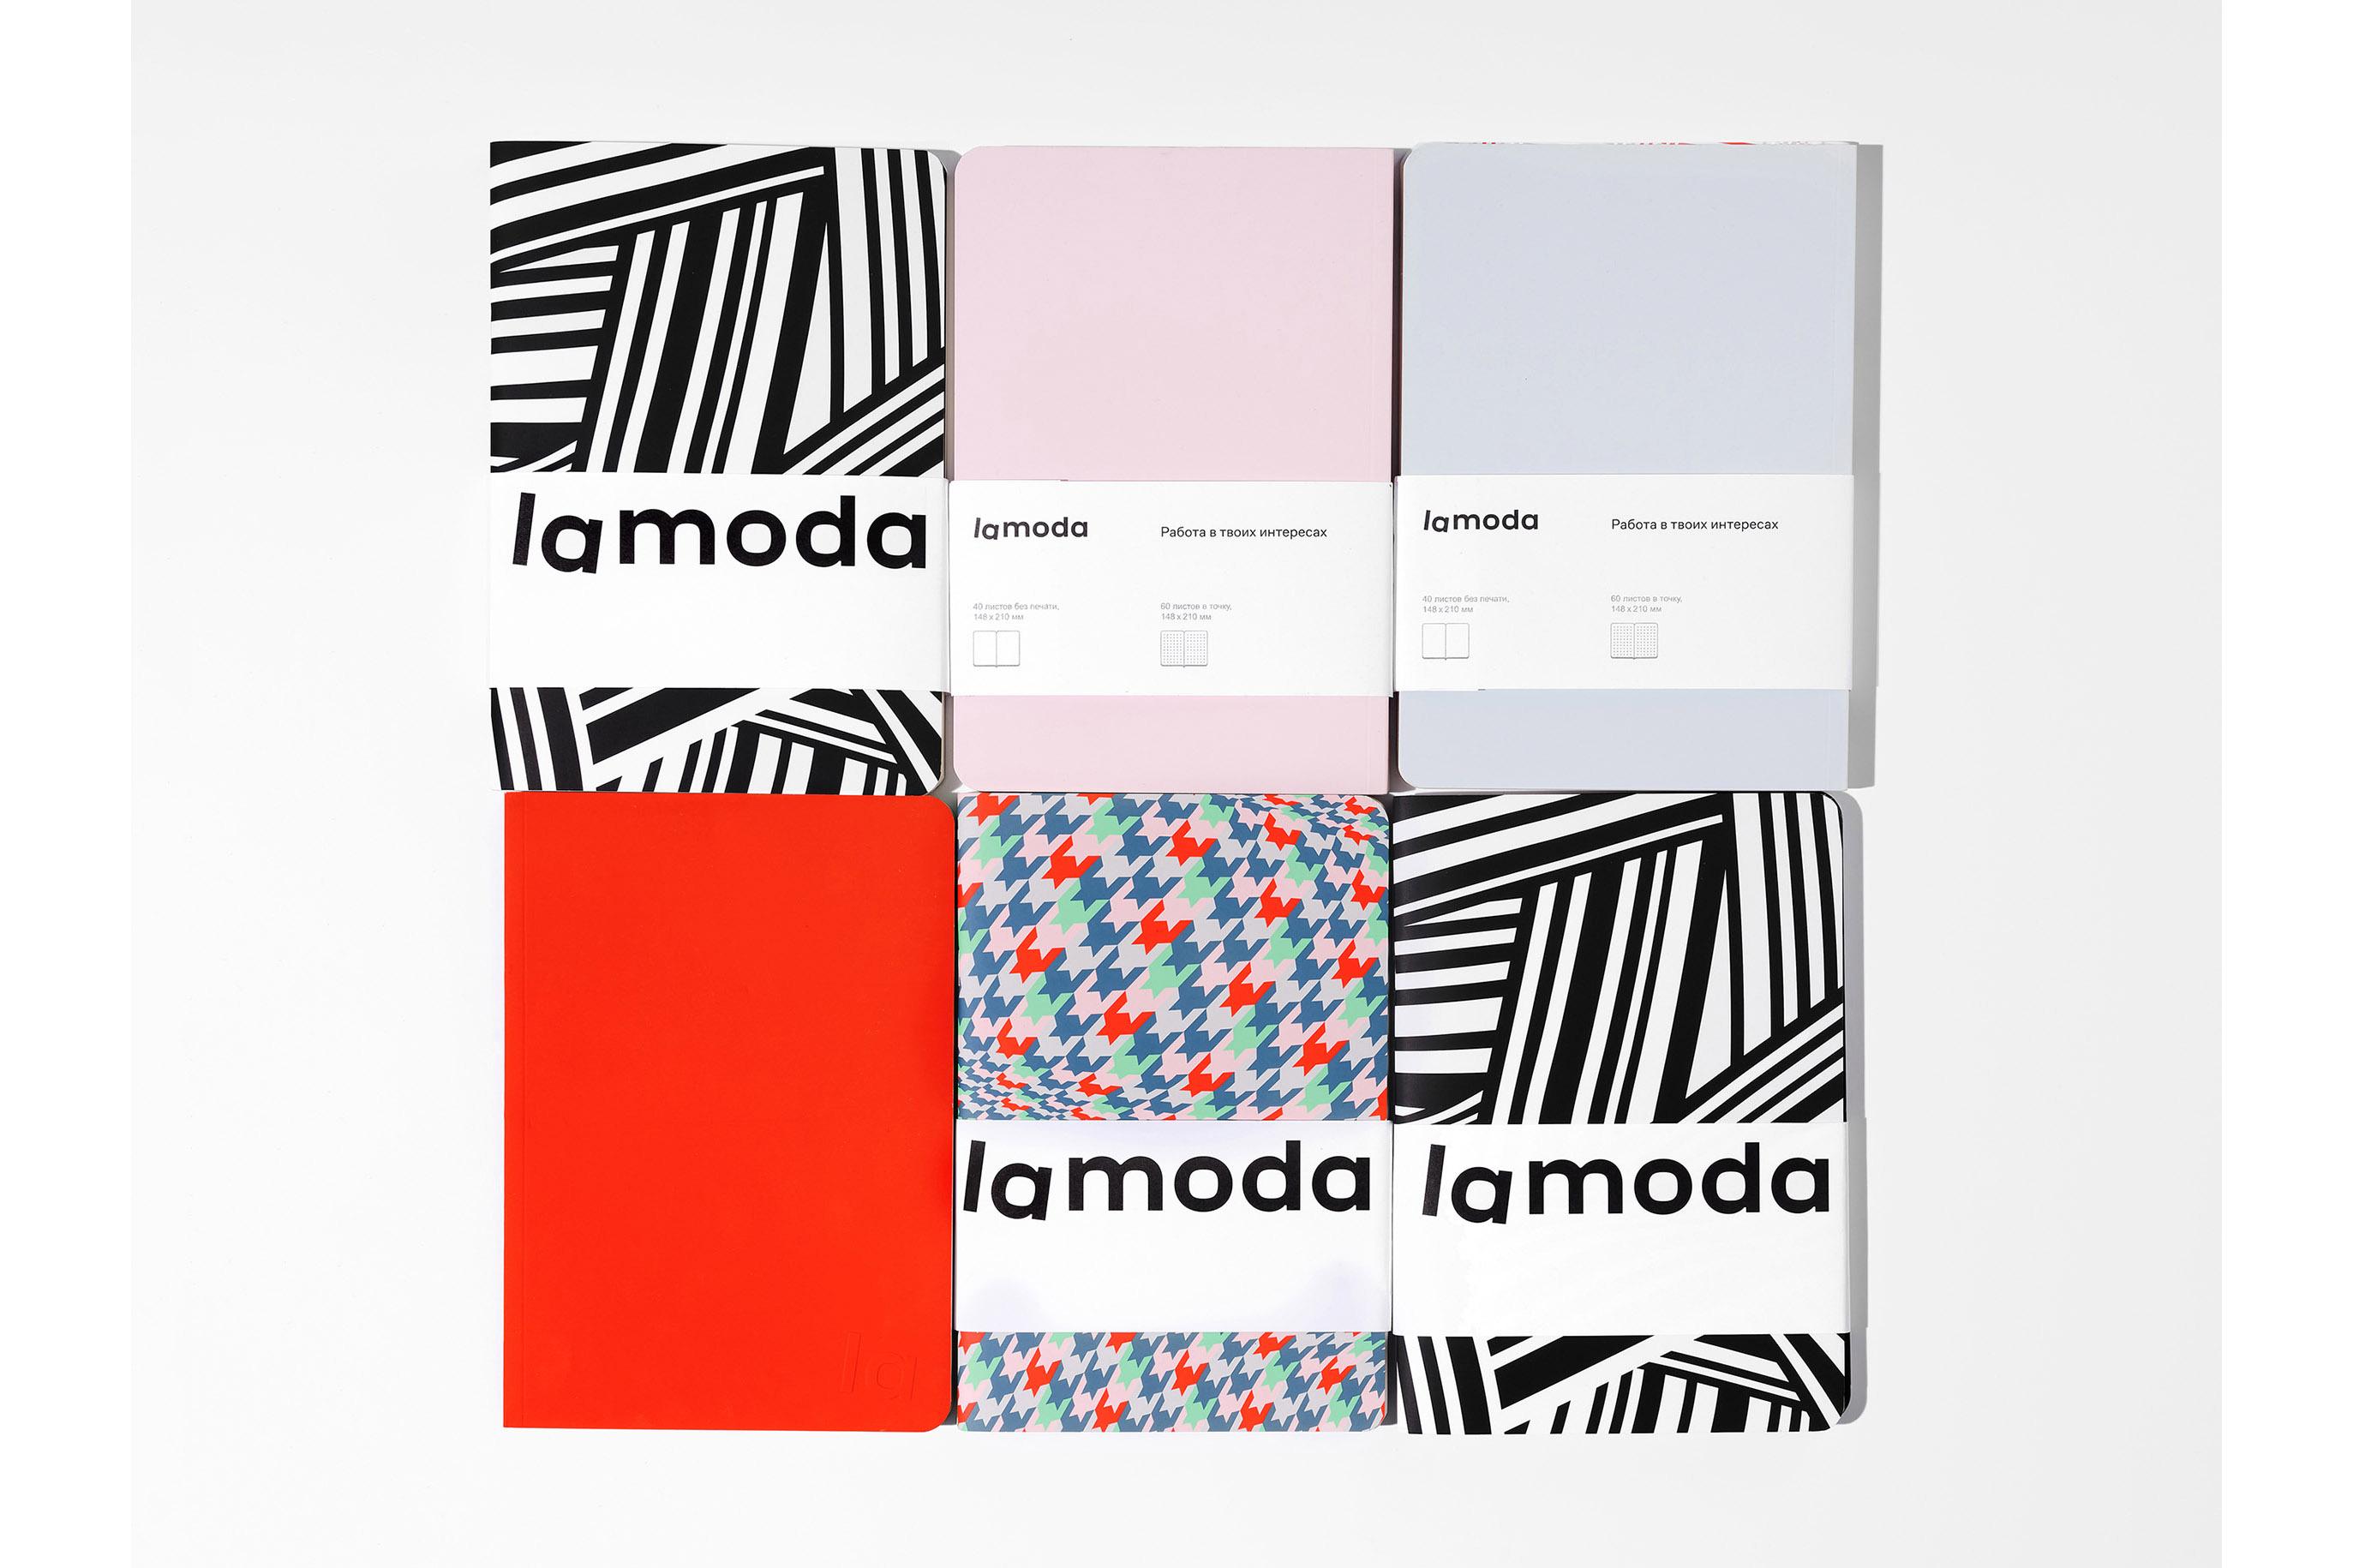 lamoda-adcr_08_15906673015ecfa825e9e76